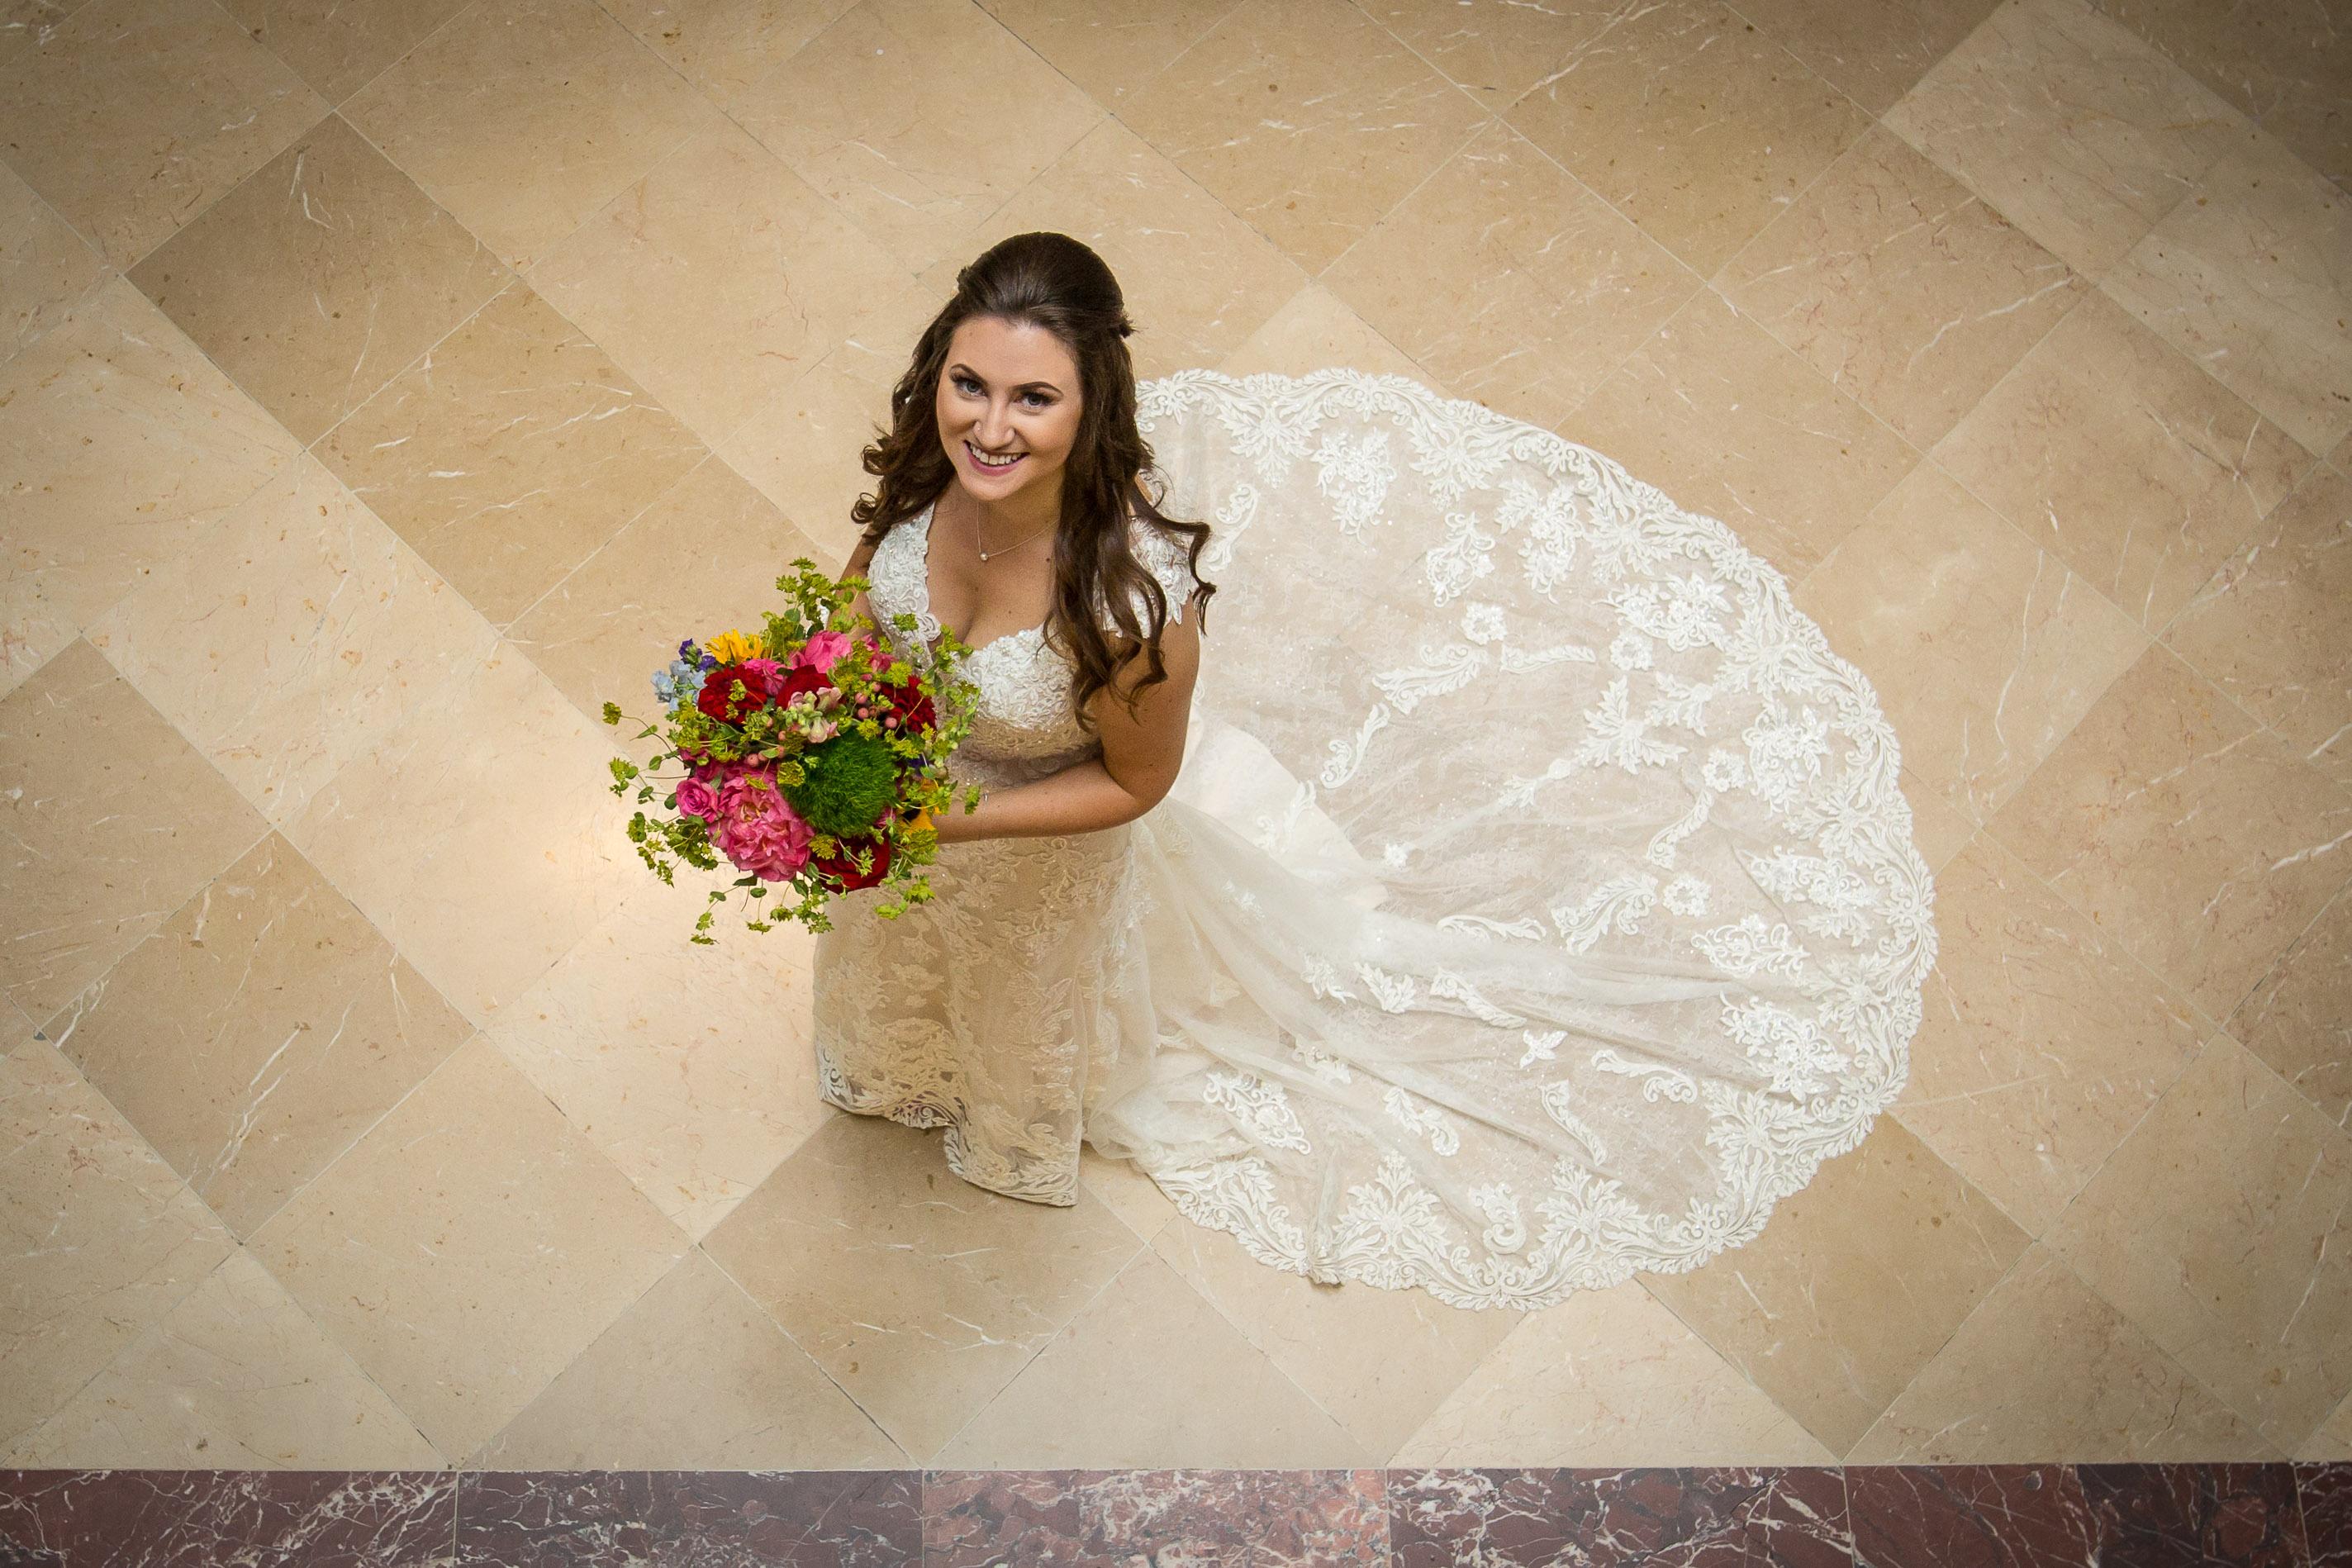 Bride at Goodwin Hotel Hartford CT - CT Photo Group